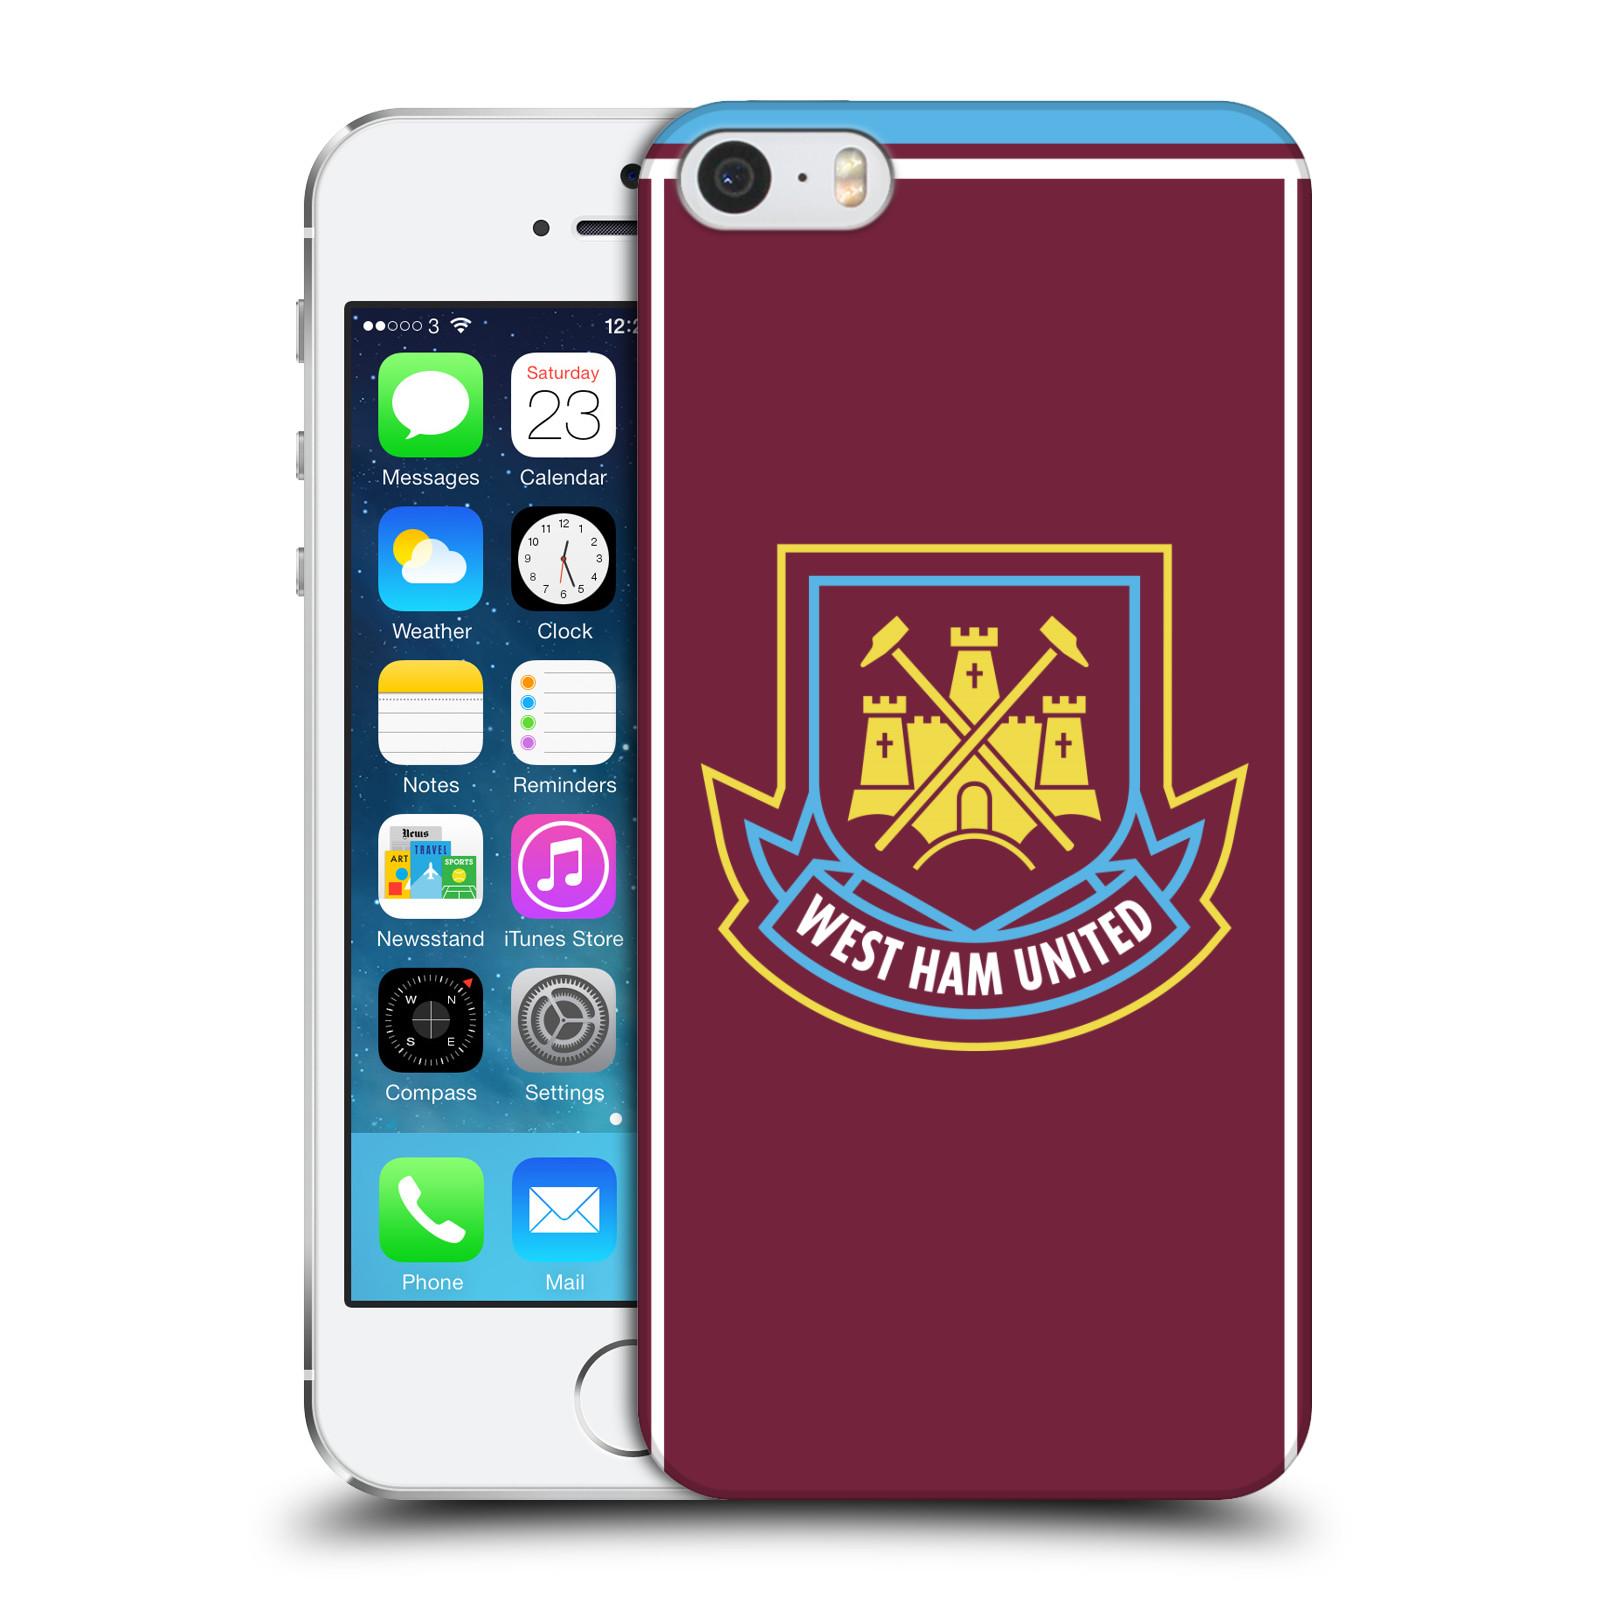 Plastové pouzdro na mobil Apple iPhone SE, 5 a 5S - Head Case - West Ham United - Retro znak (Plastový kryt či obal na mobilní telefon s motivem West Ham United - Kladiváři - Retro znak pro Apple iPhone SE, 5 a 5S)